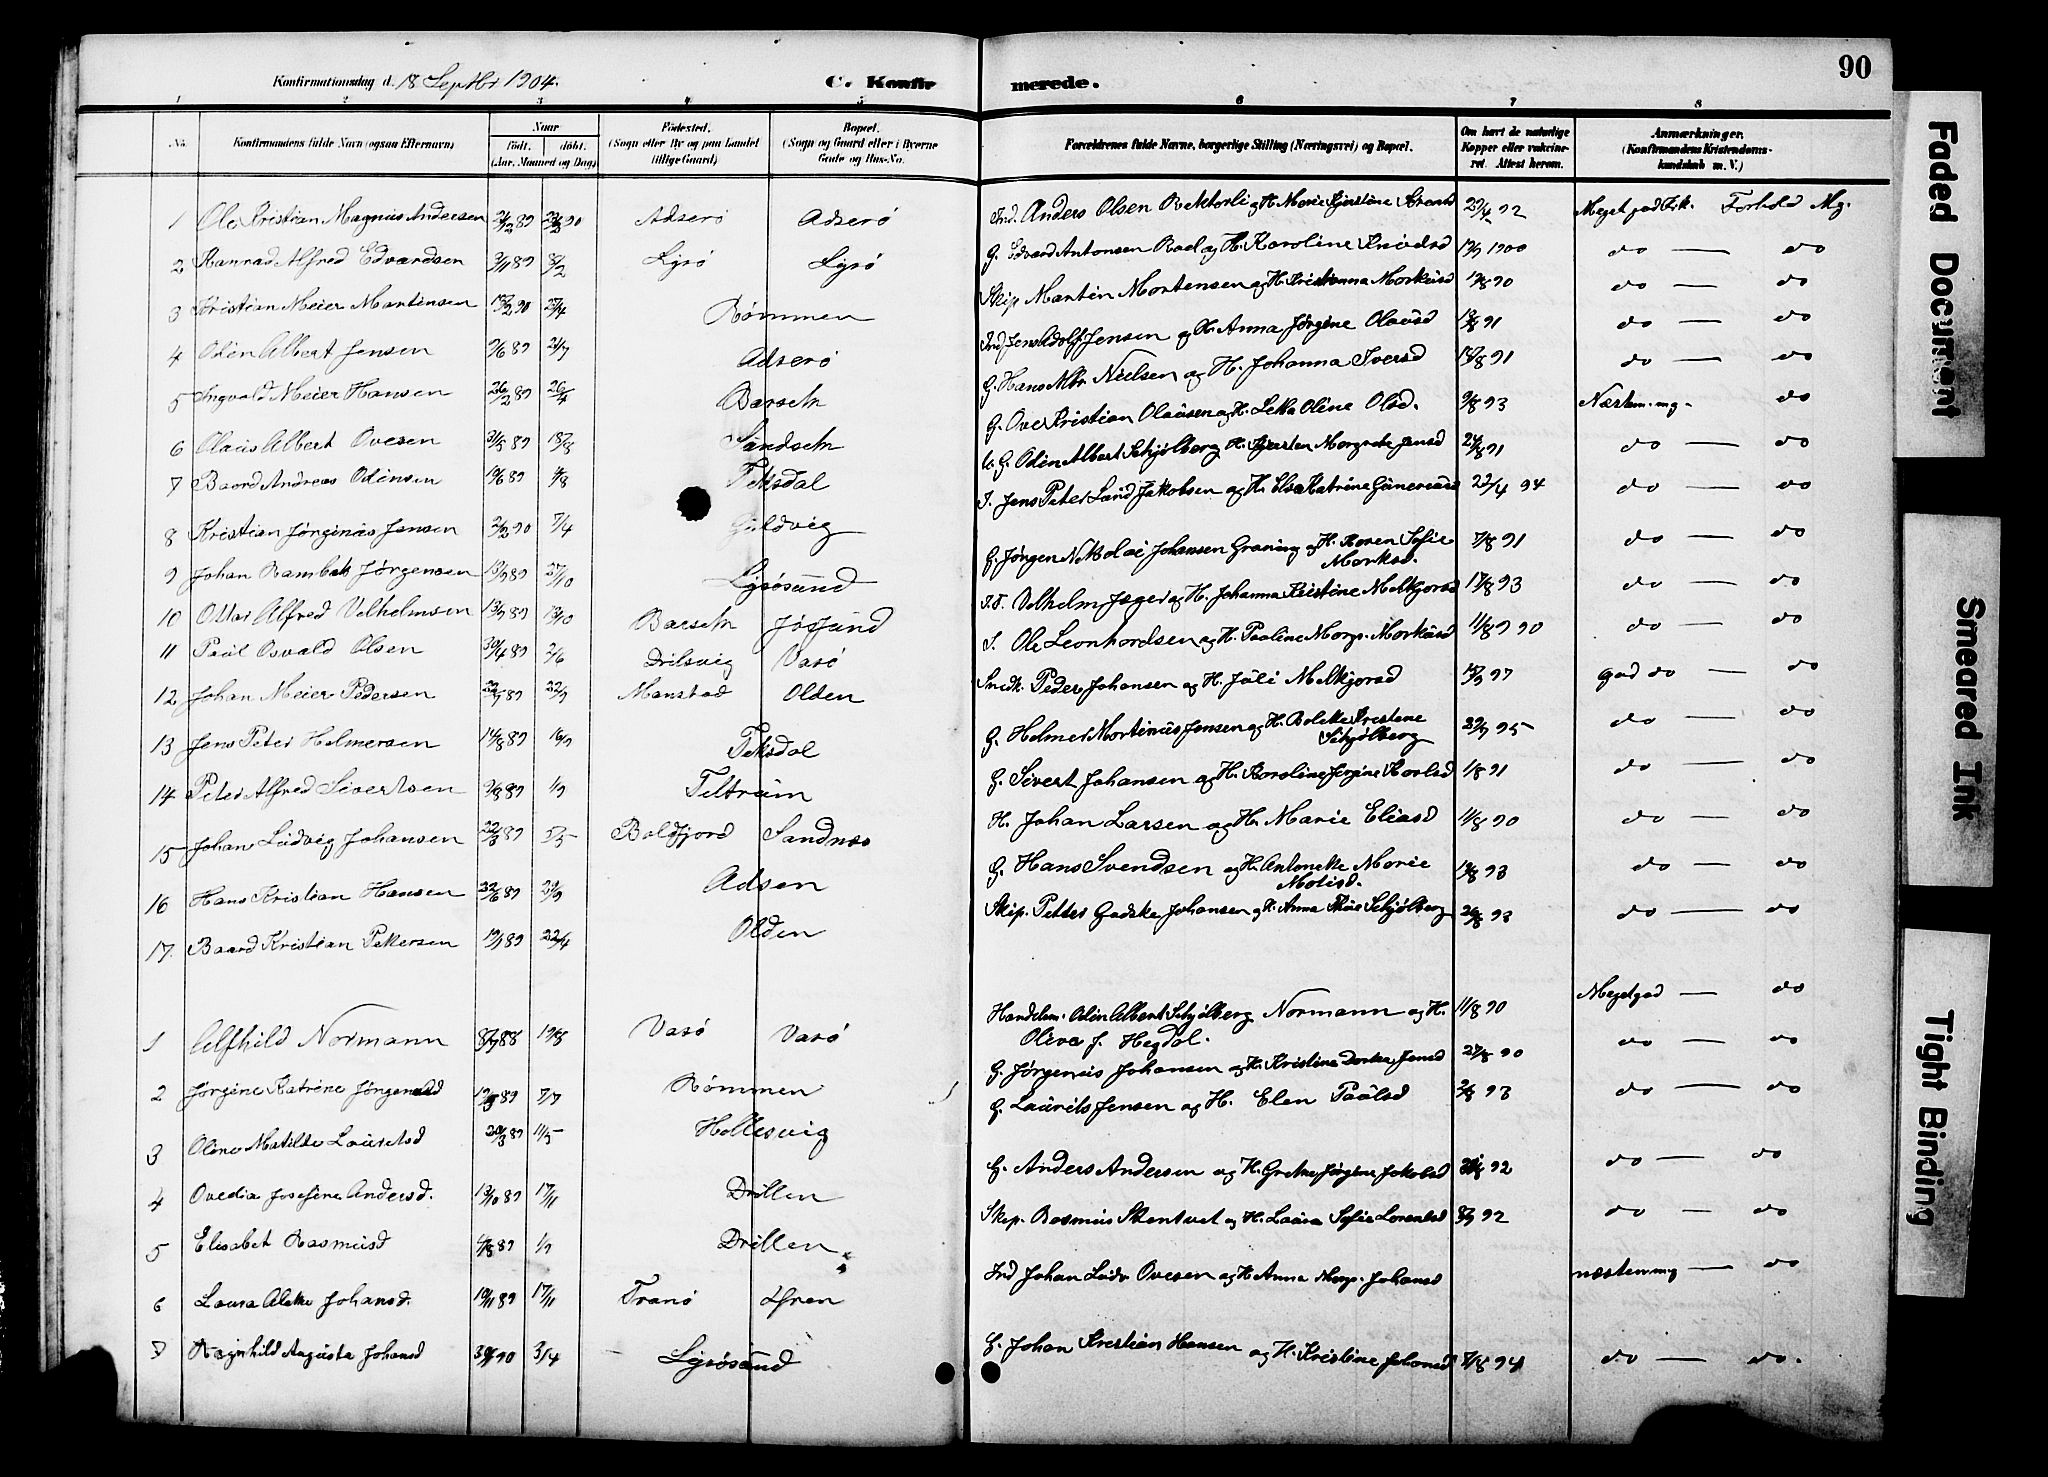 SAT, Ministerialprotokoller, klokkerbøker og fødselsregistre - Sør-Trøndelag, 654/L0666: Klokkerbok nr. 654C02, 1901-1925, s. 90